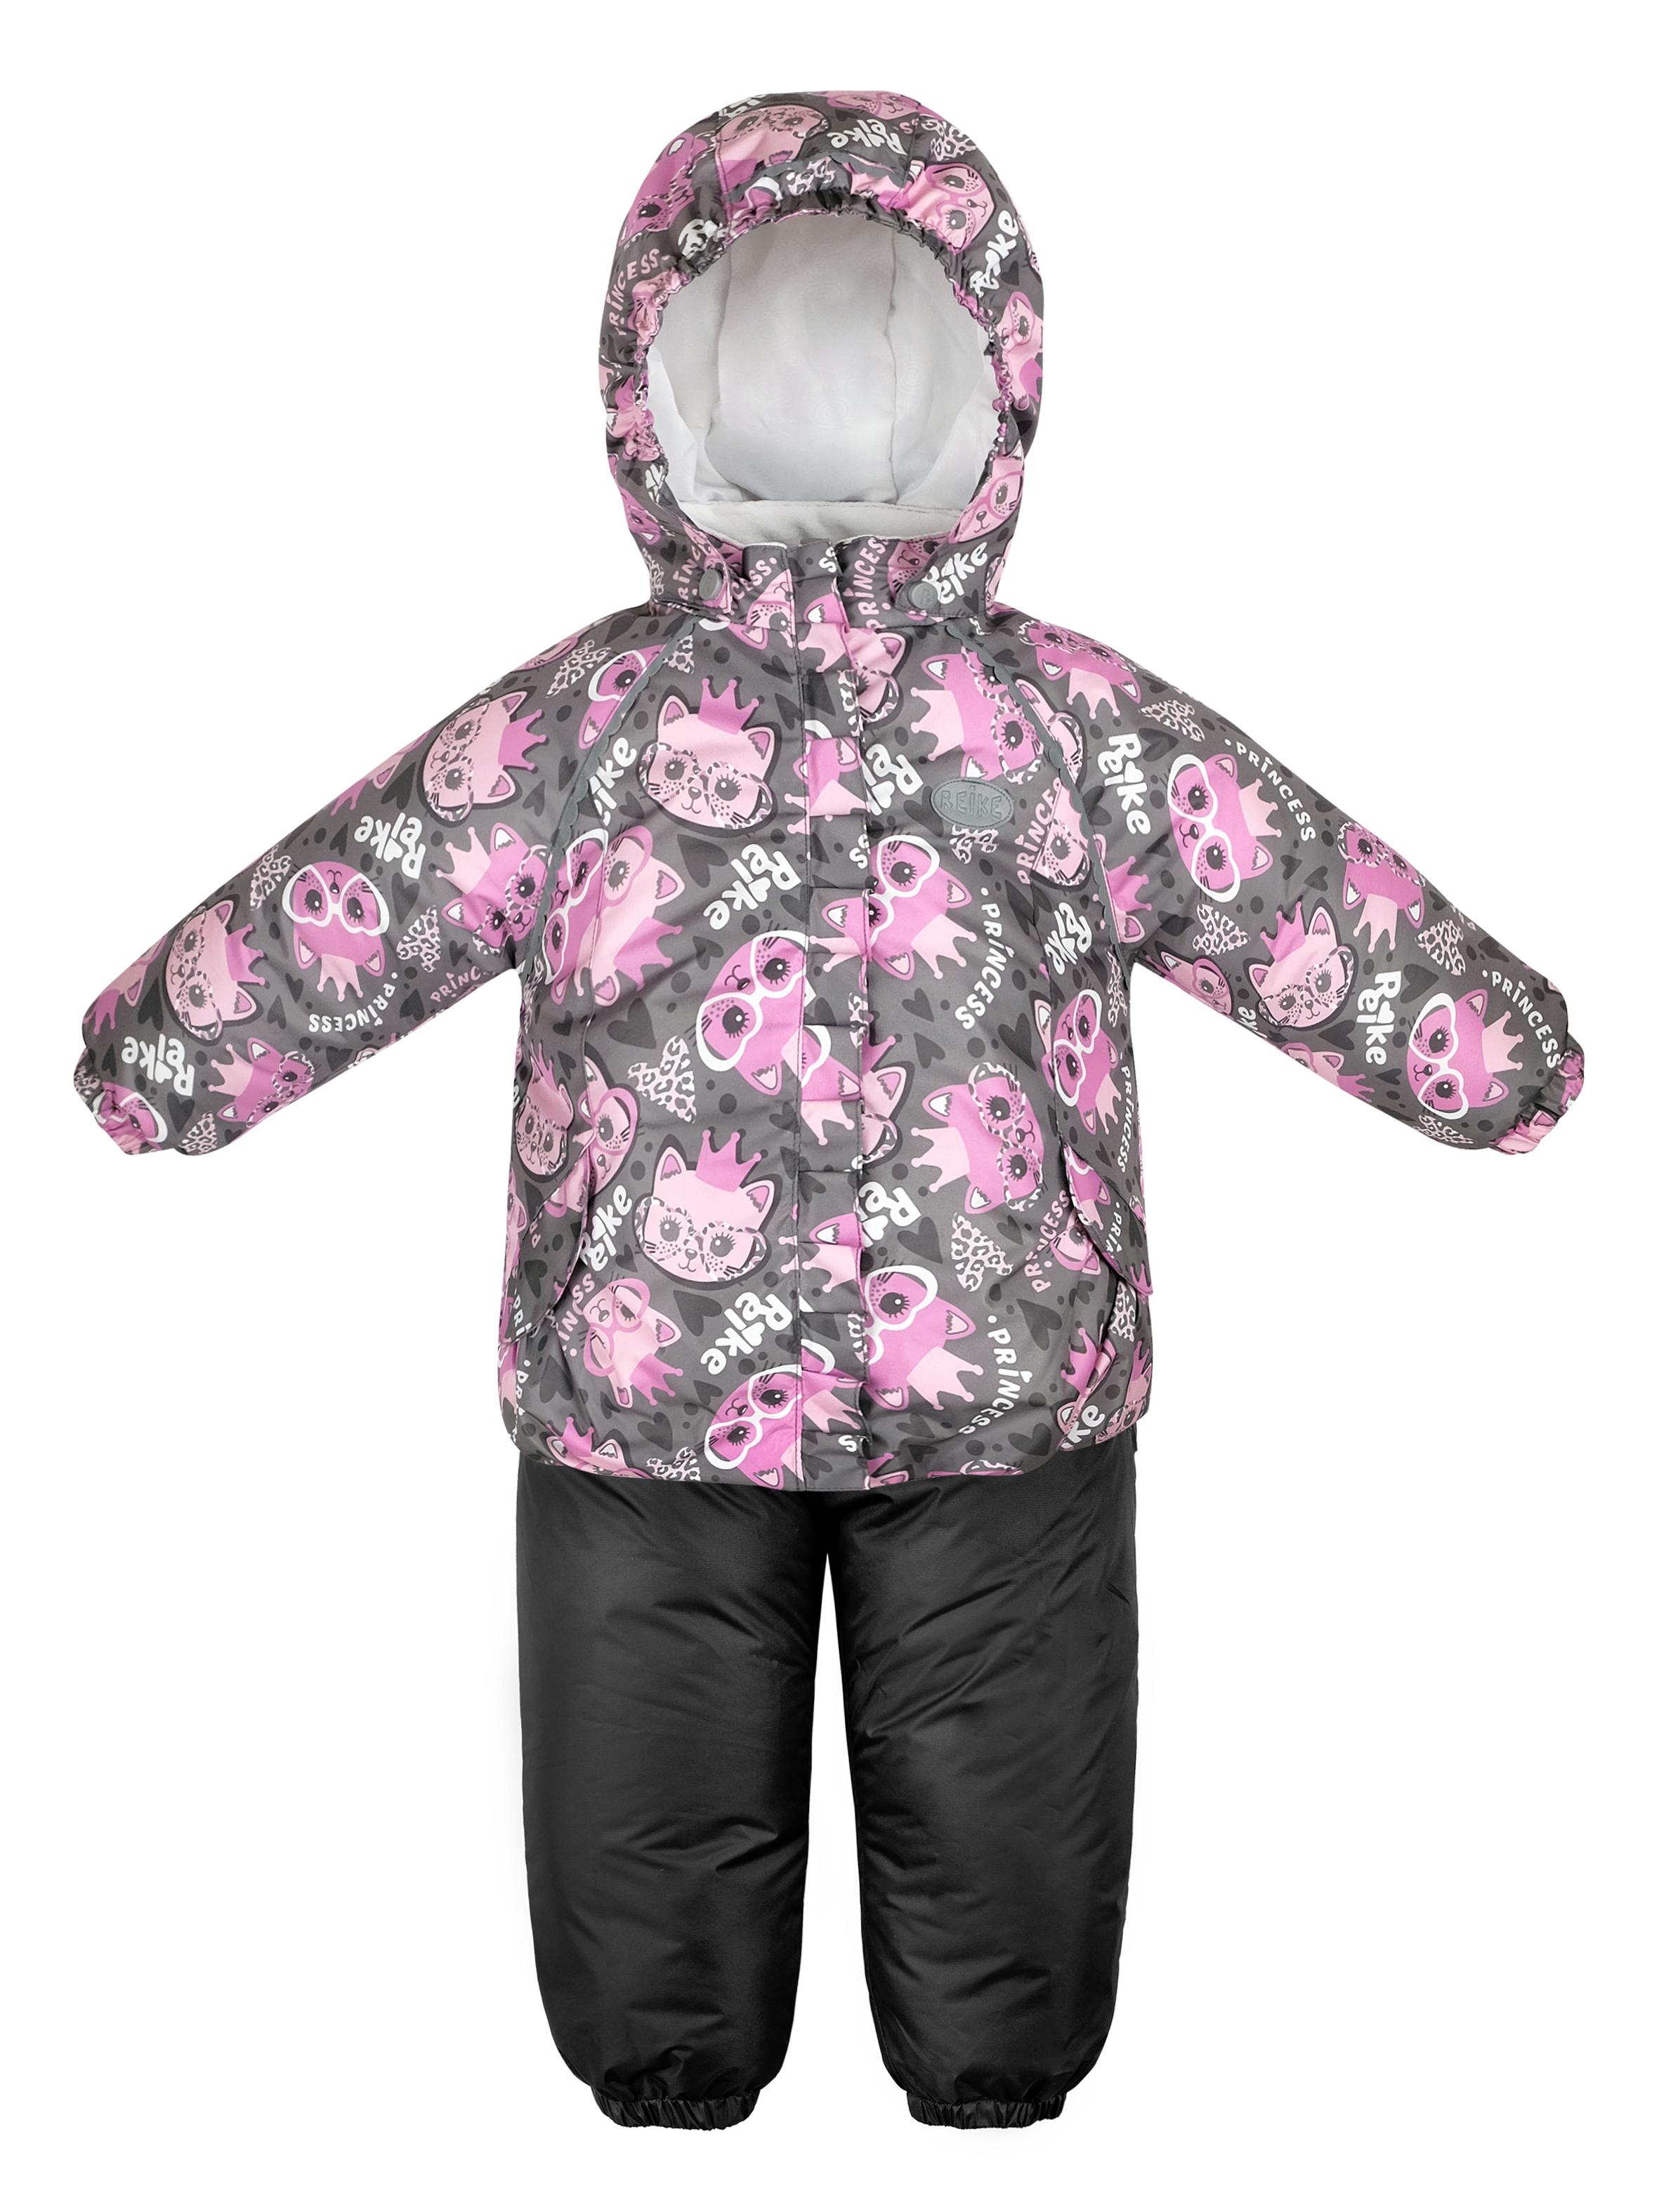 Купить Кошечки-принцессы, Комплект для девочки Reike Kitty Princess grey, размер 98, Комплекты верхней одежды для девочек